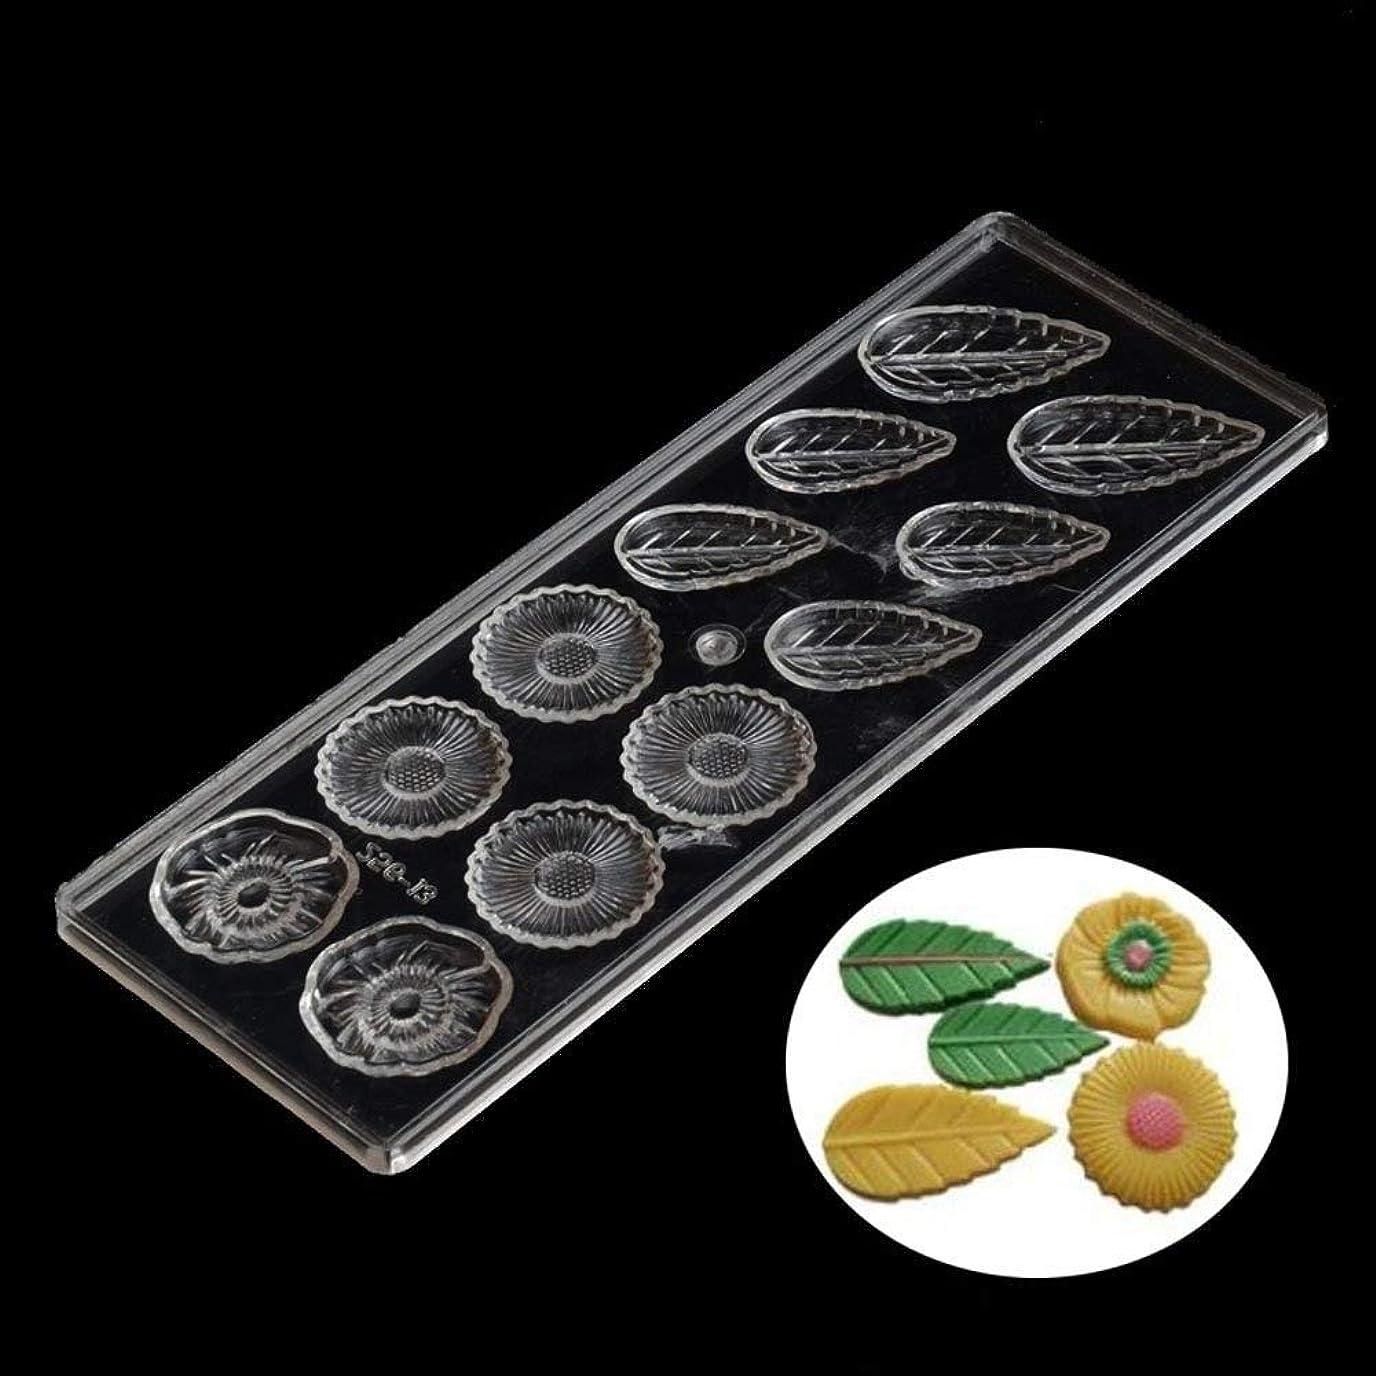 チョーク絶対に目覚めるGrainrain Leafsと花食品グレードクリアポリカーボネートプラスチックハードチョコレート金型